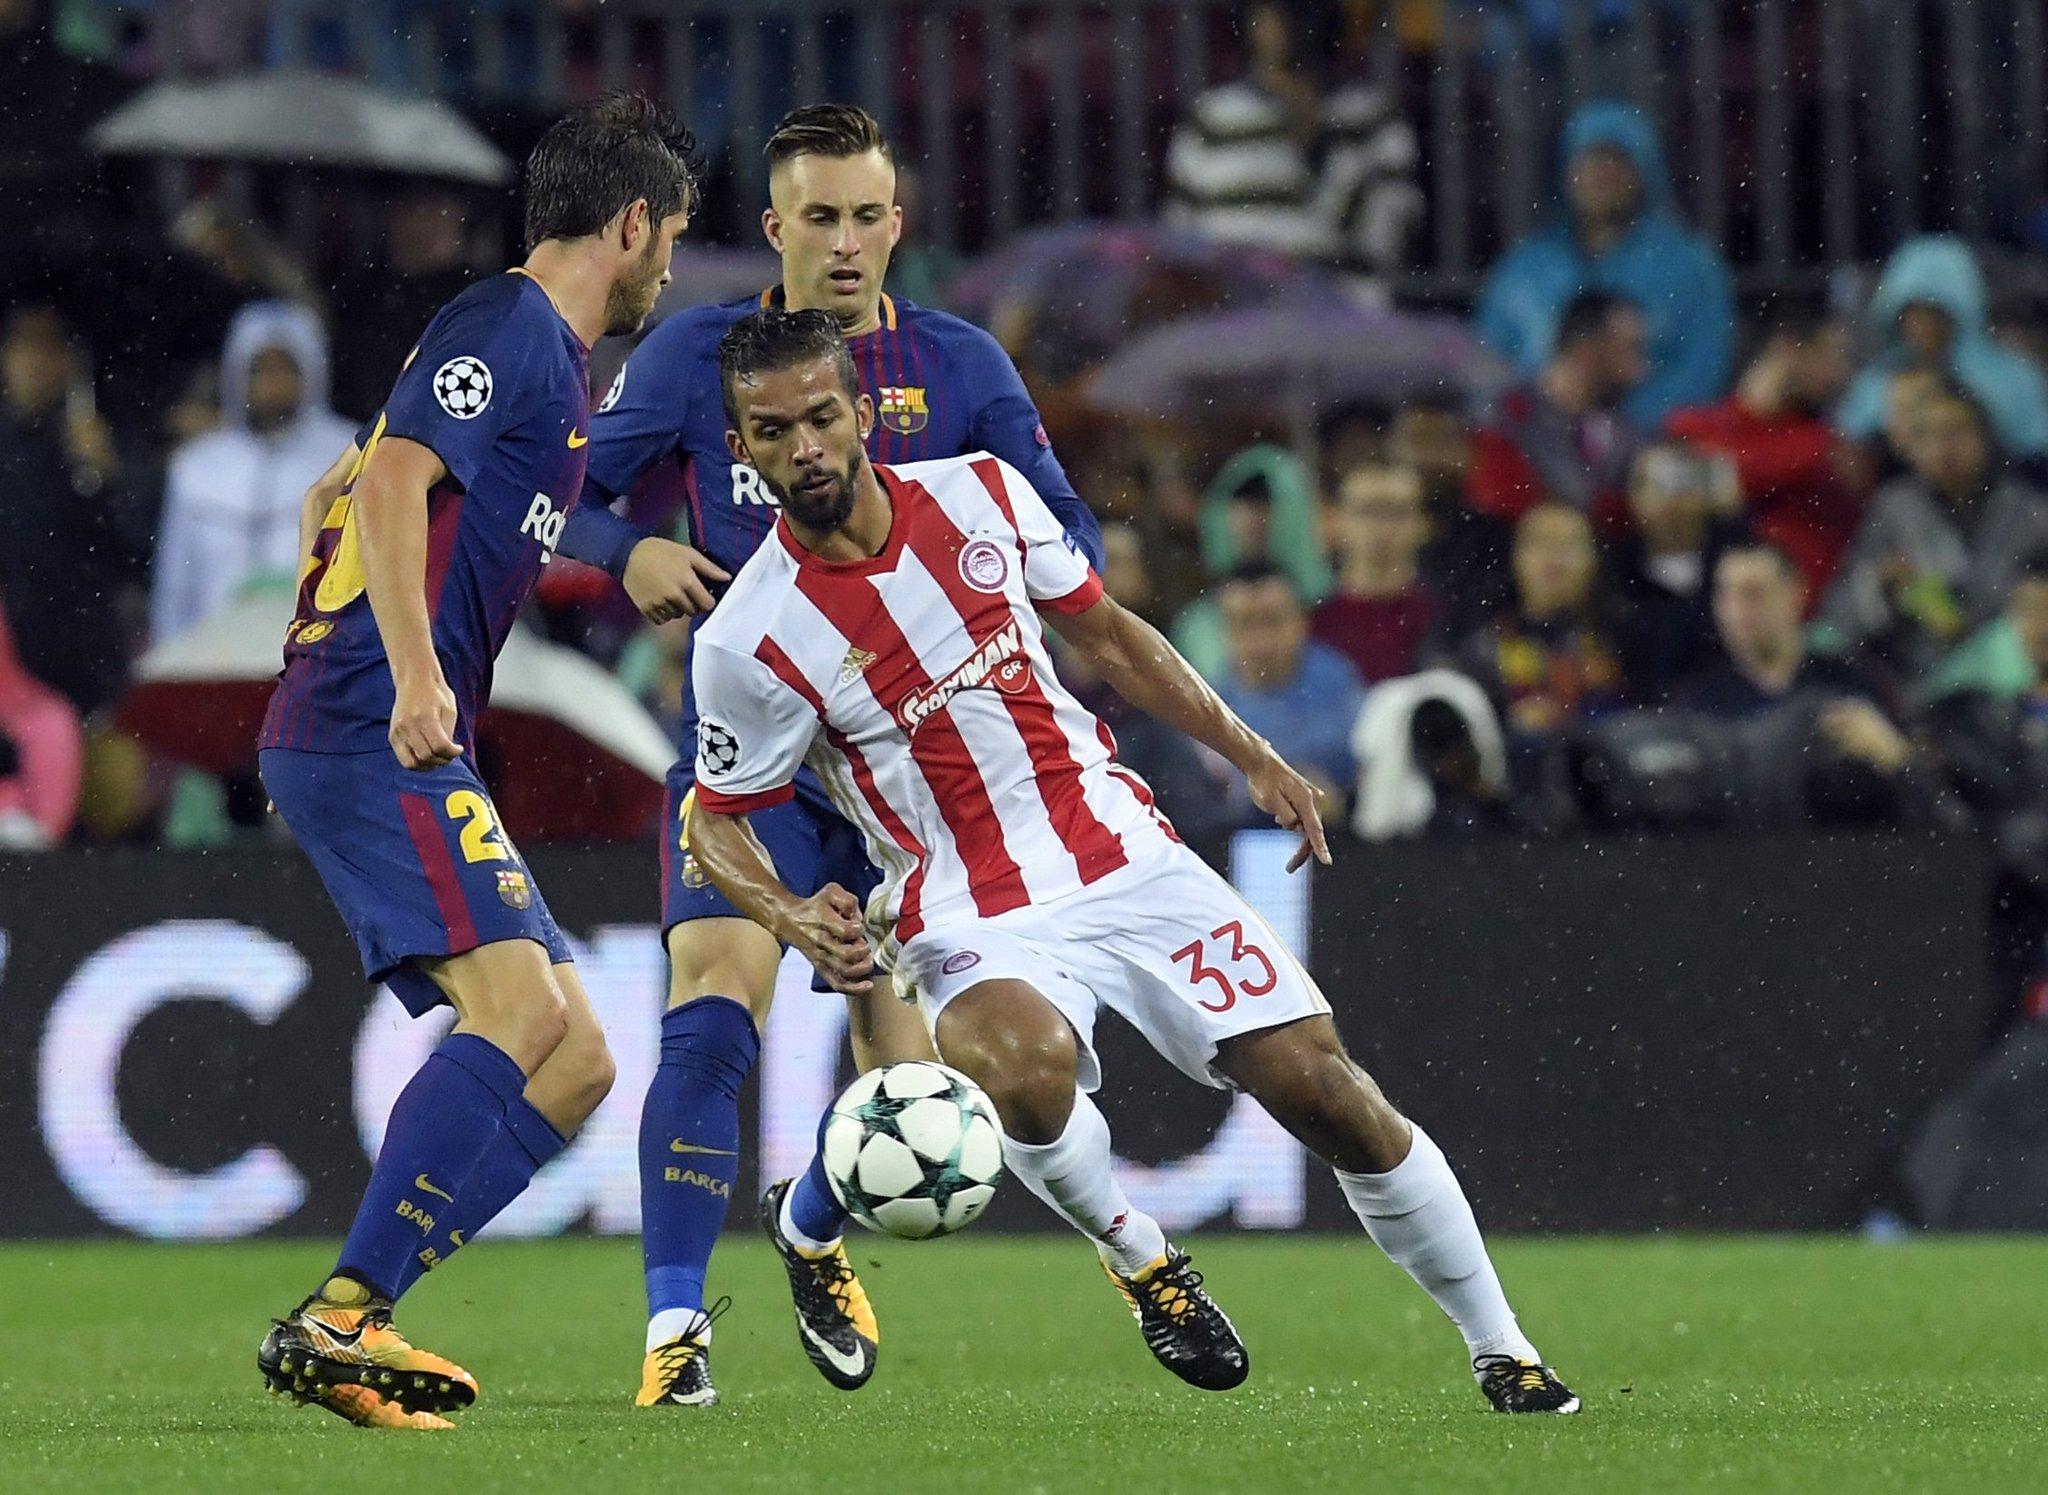 هدف برشلونة الأول في مرمى أولمبياكوس